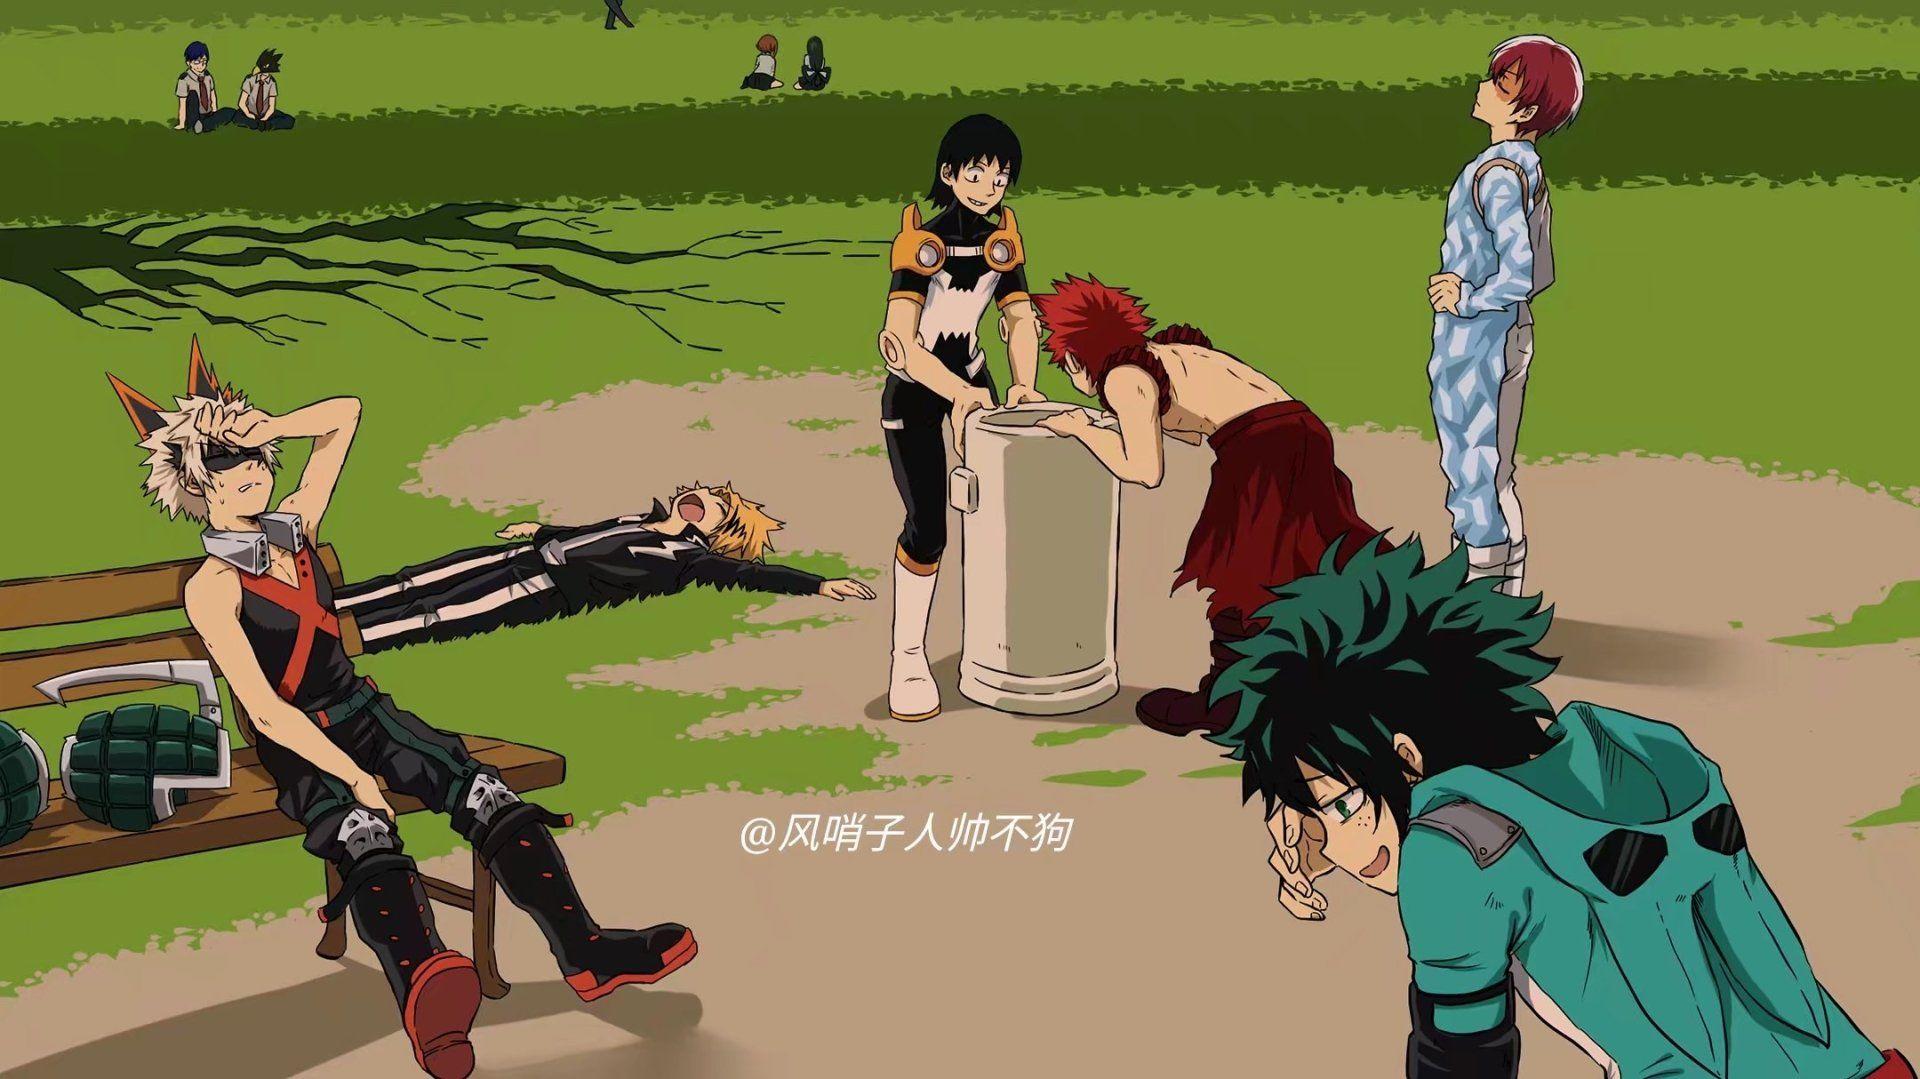 Anime My Hero Academia Izuku Midoriya Katsuki Bakugou Shoto Todoroki